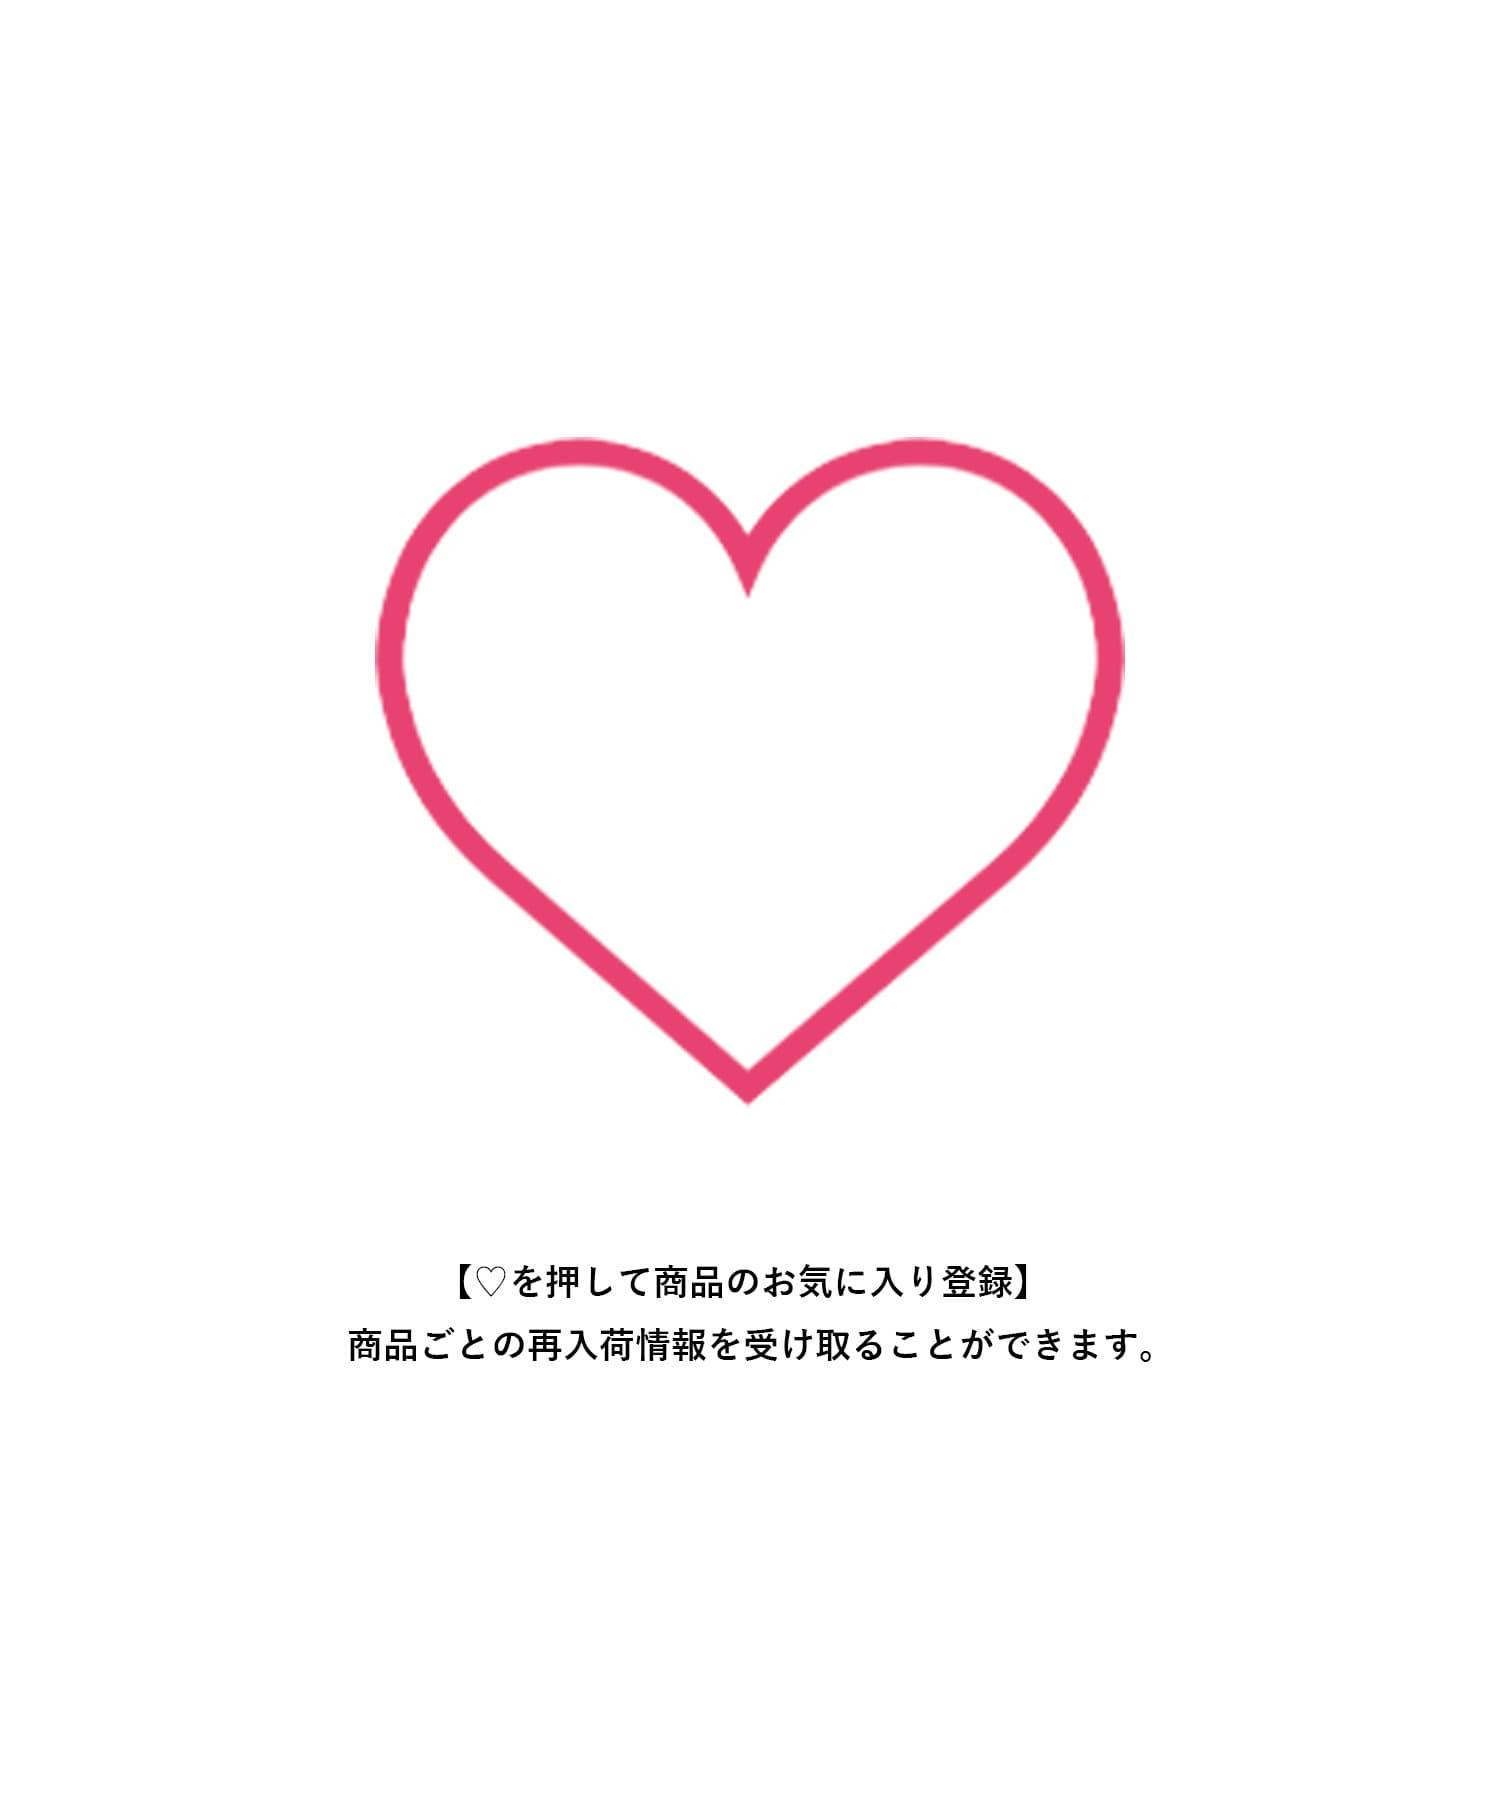 COLLAGE GALLARDAGALANTE(コラージュ ガリャルダガランテ) 【PAPILLONNER】【2WAY/PTシリーズ】プロテクト2WAYネックレス